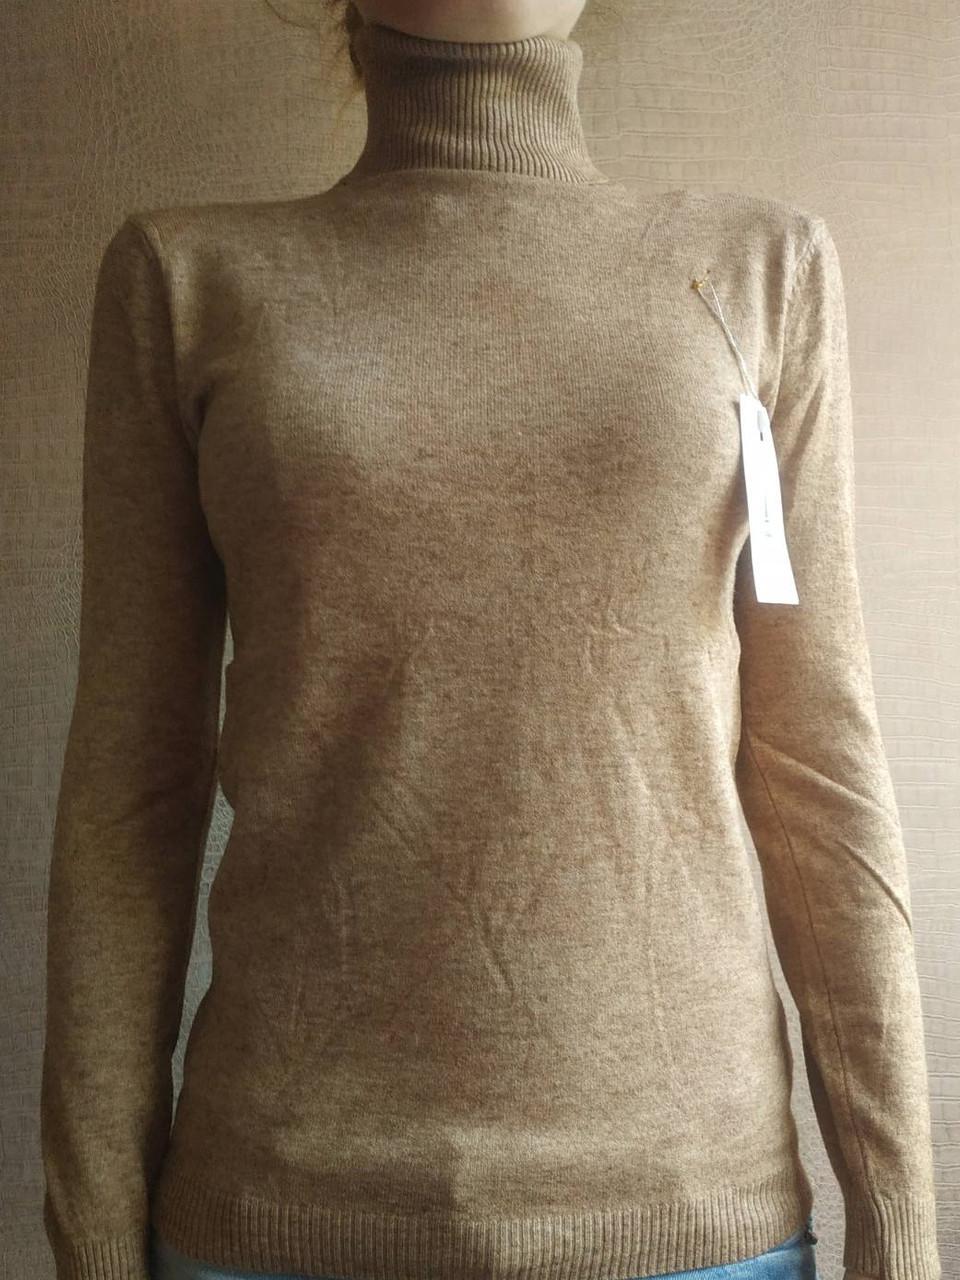 Бежевая водолазка женская из шерсти размер единый до 48го гольф женский кофта с горлом